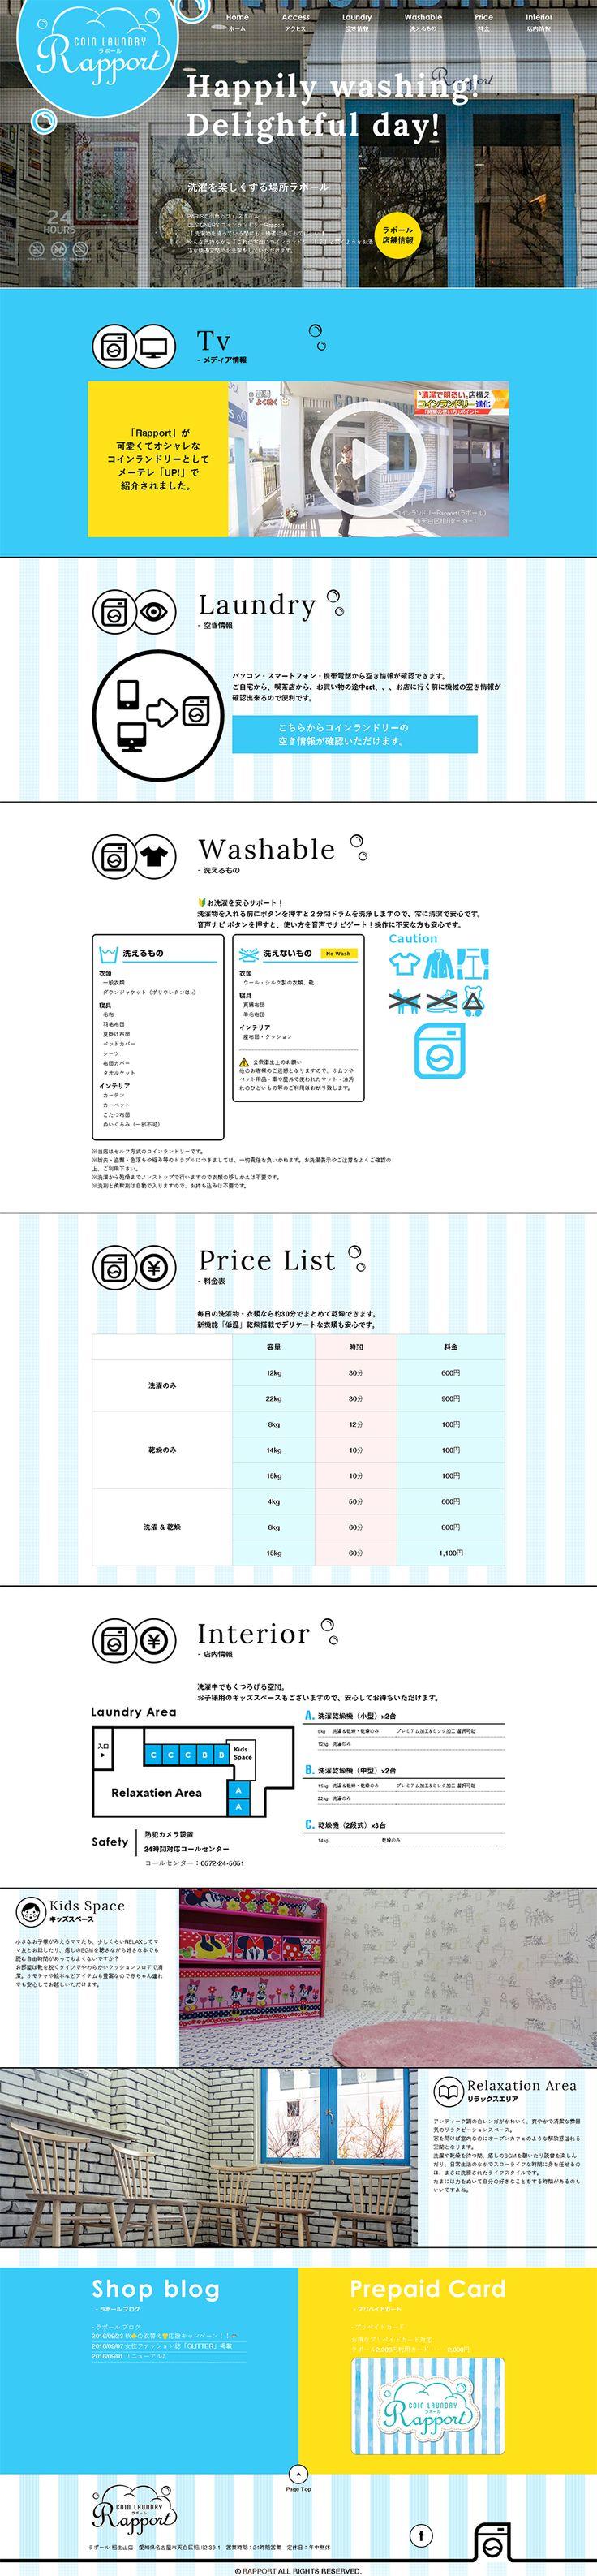 コインランドリーラポール【サービス関連】のLPデザイン。WEBデザイナーさん必見!ランディングページのデザイン参考に(かわいい系)